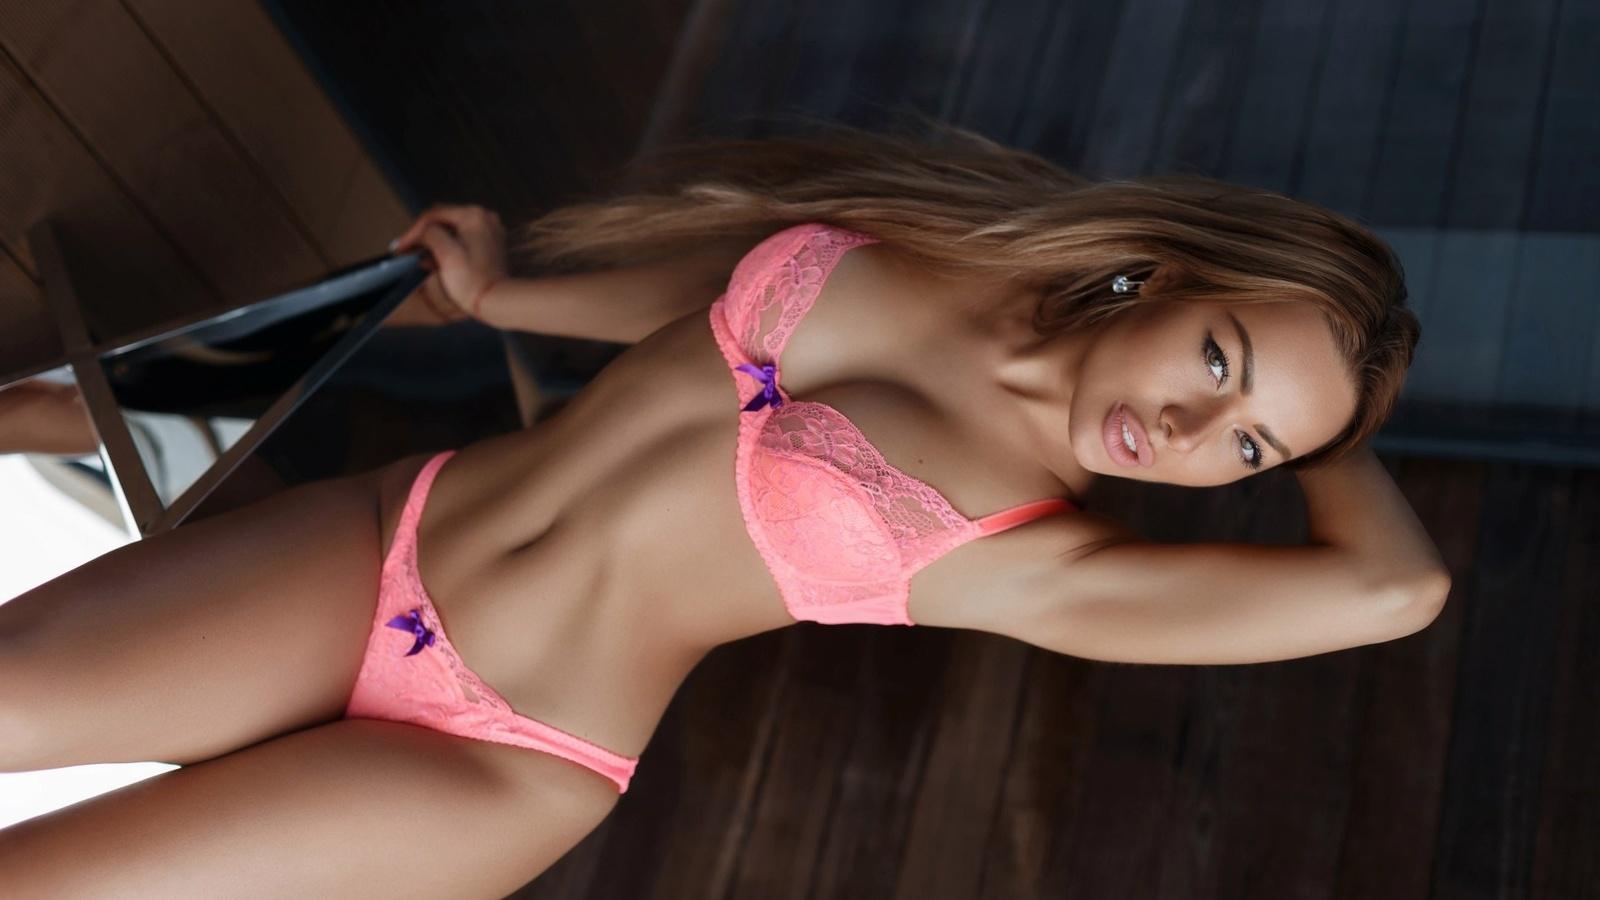 Фото сексуальных обычных девушек, Домашняя эротика, частные ню фото 1 фотография